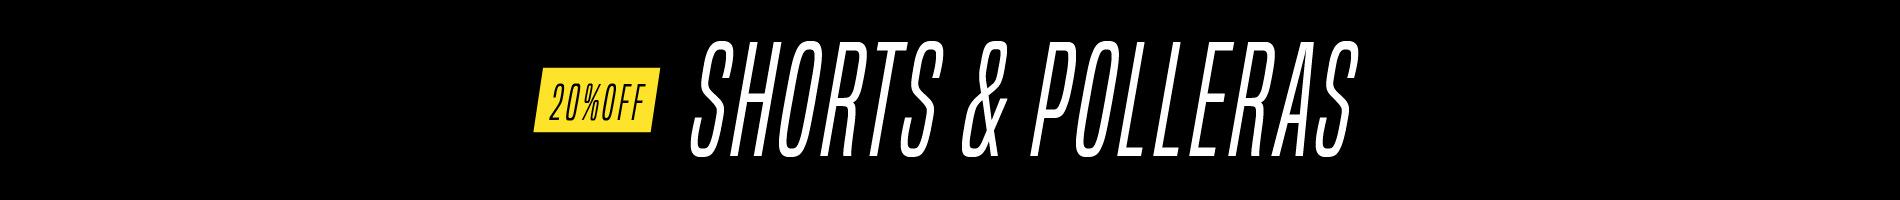 SHORTS & POLLERAS